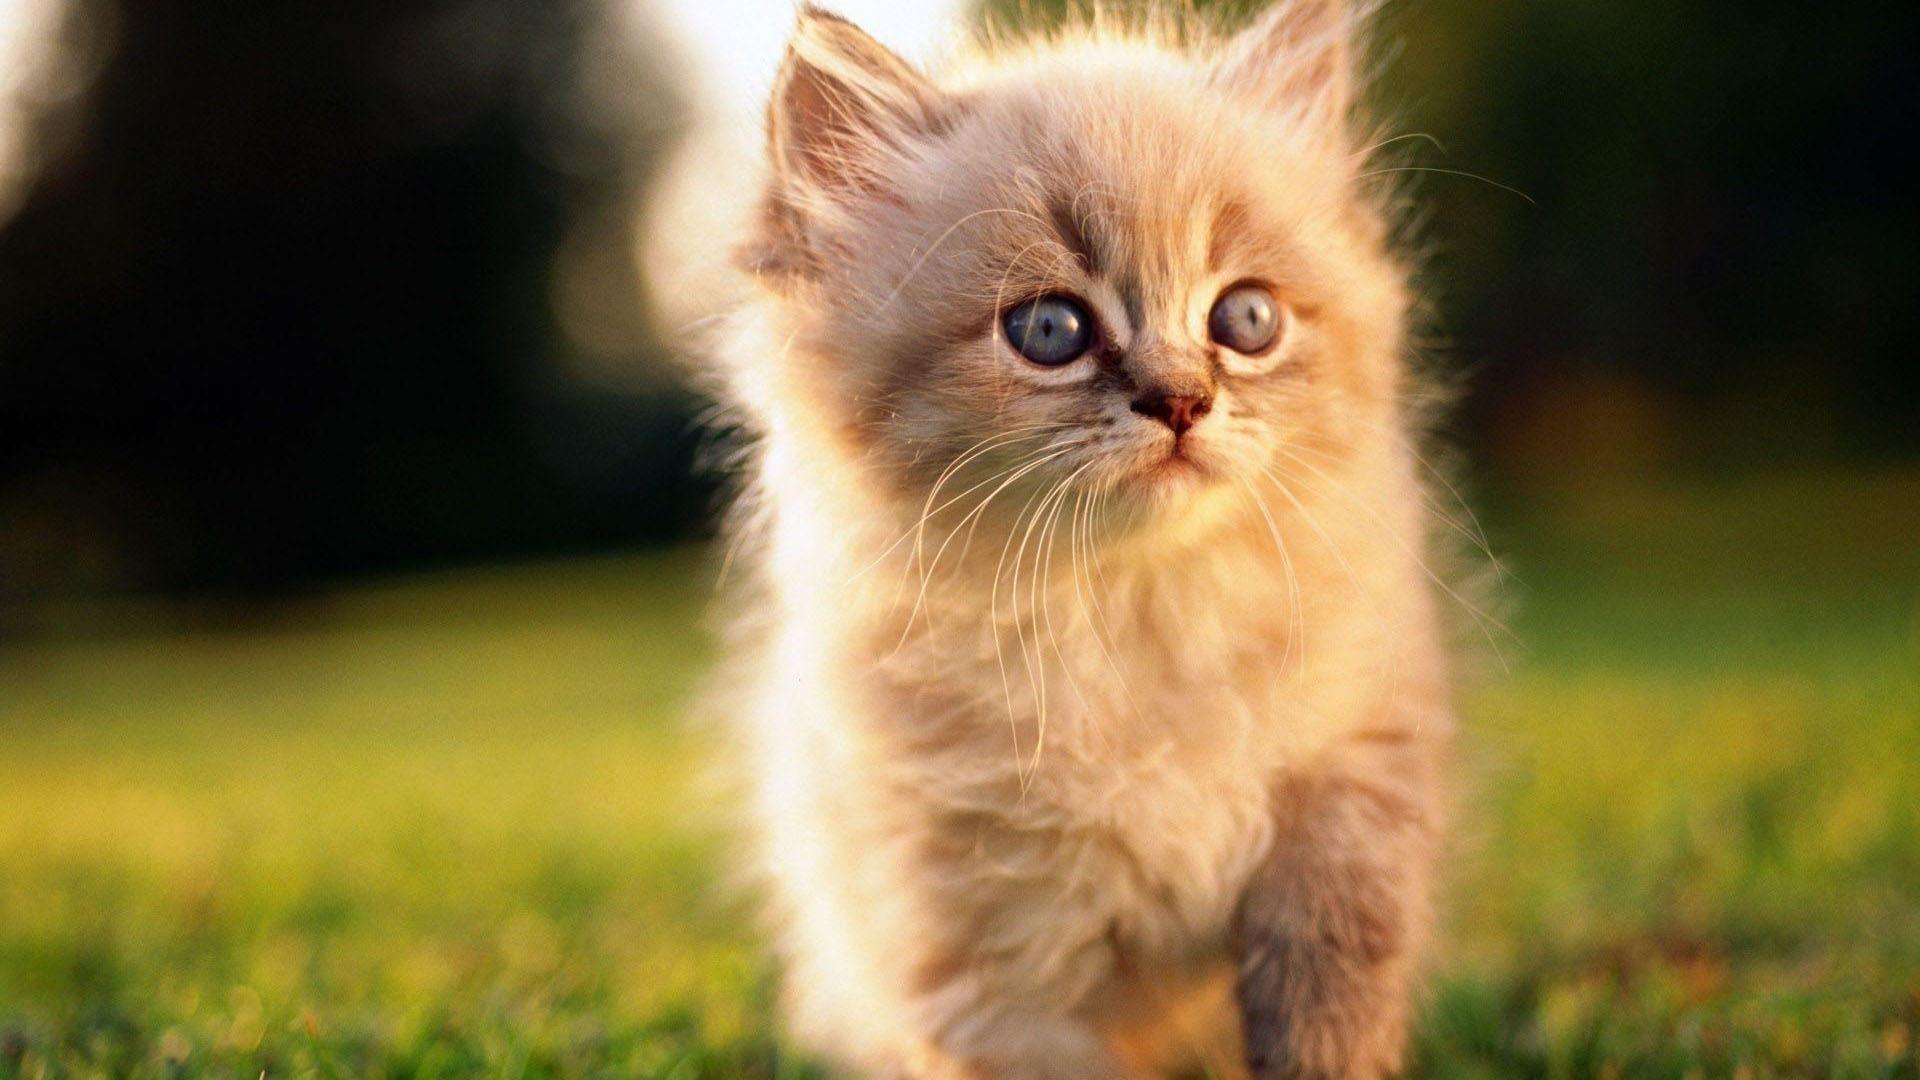 Белый меховой кот котенок на зеленой траве на синем фоне милый кот обои скачать